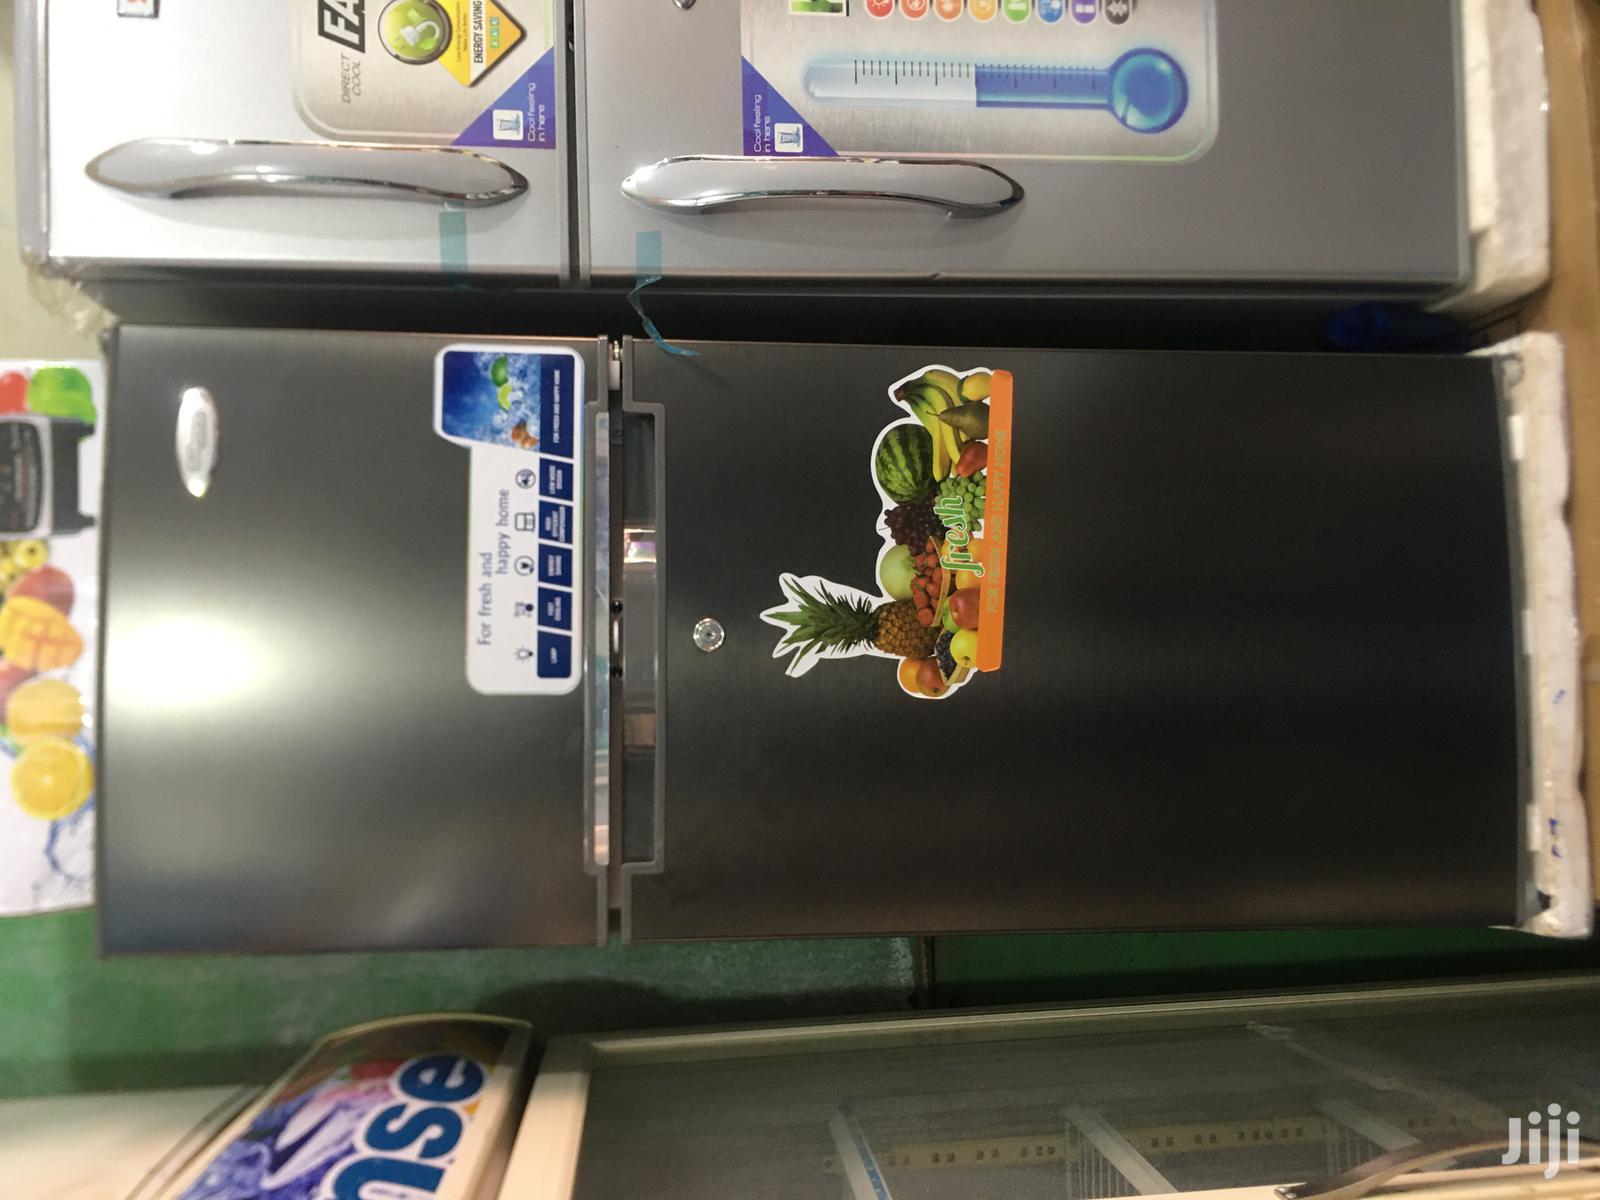 Changhong 155L Double Door Refrigerator